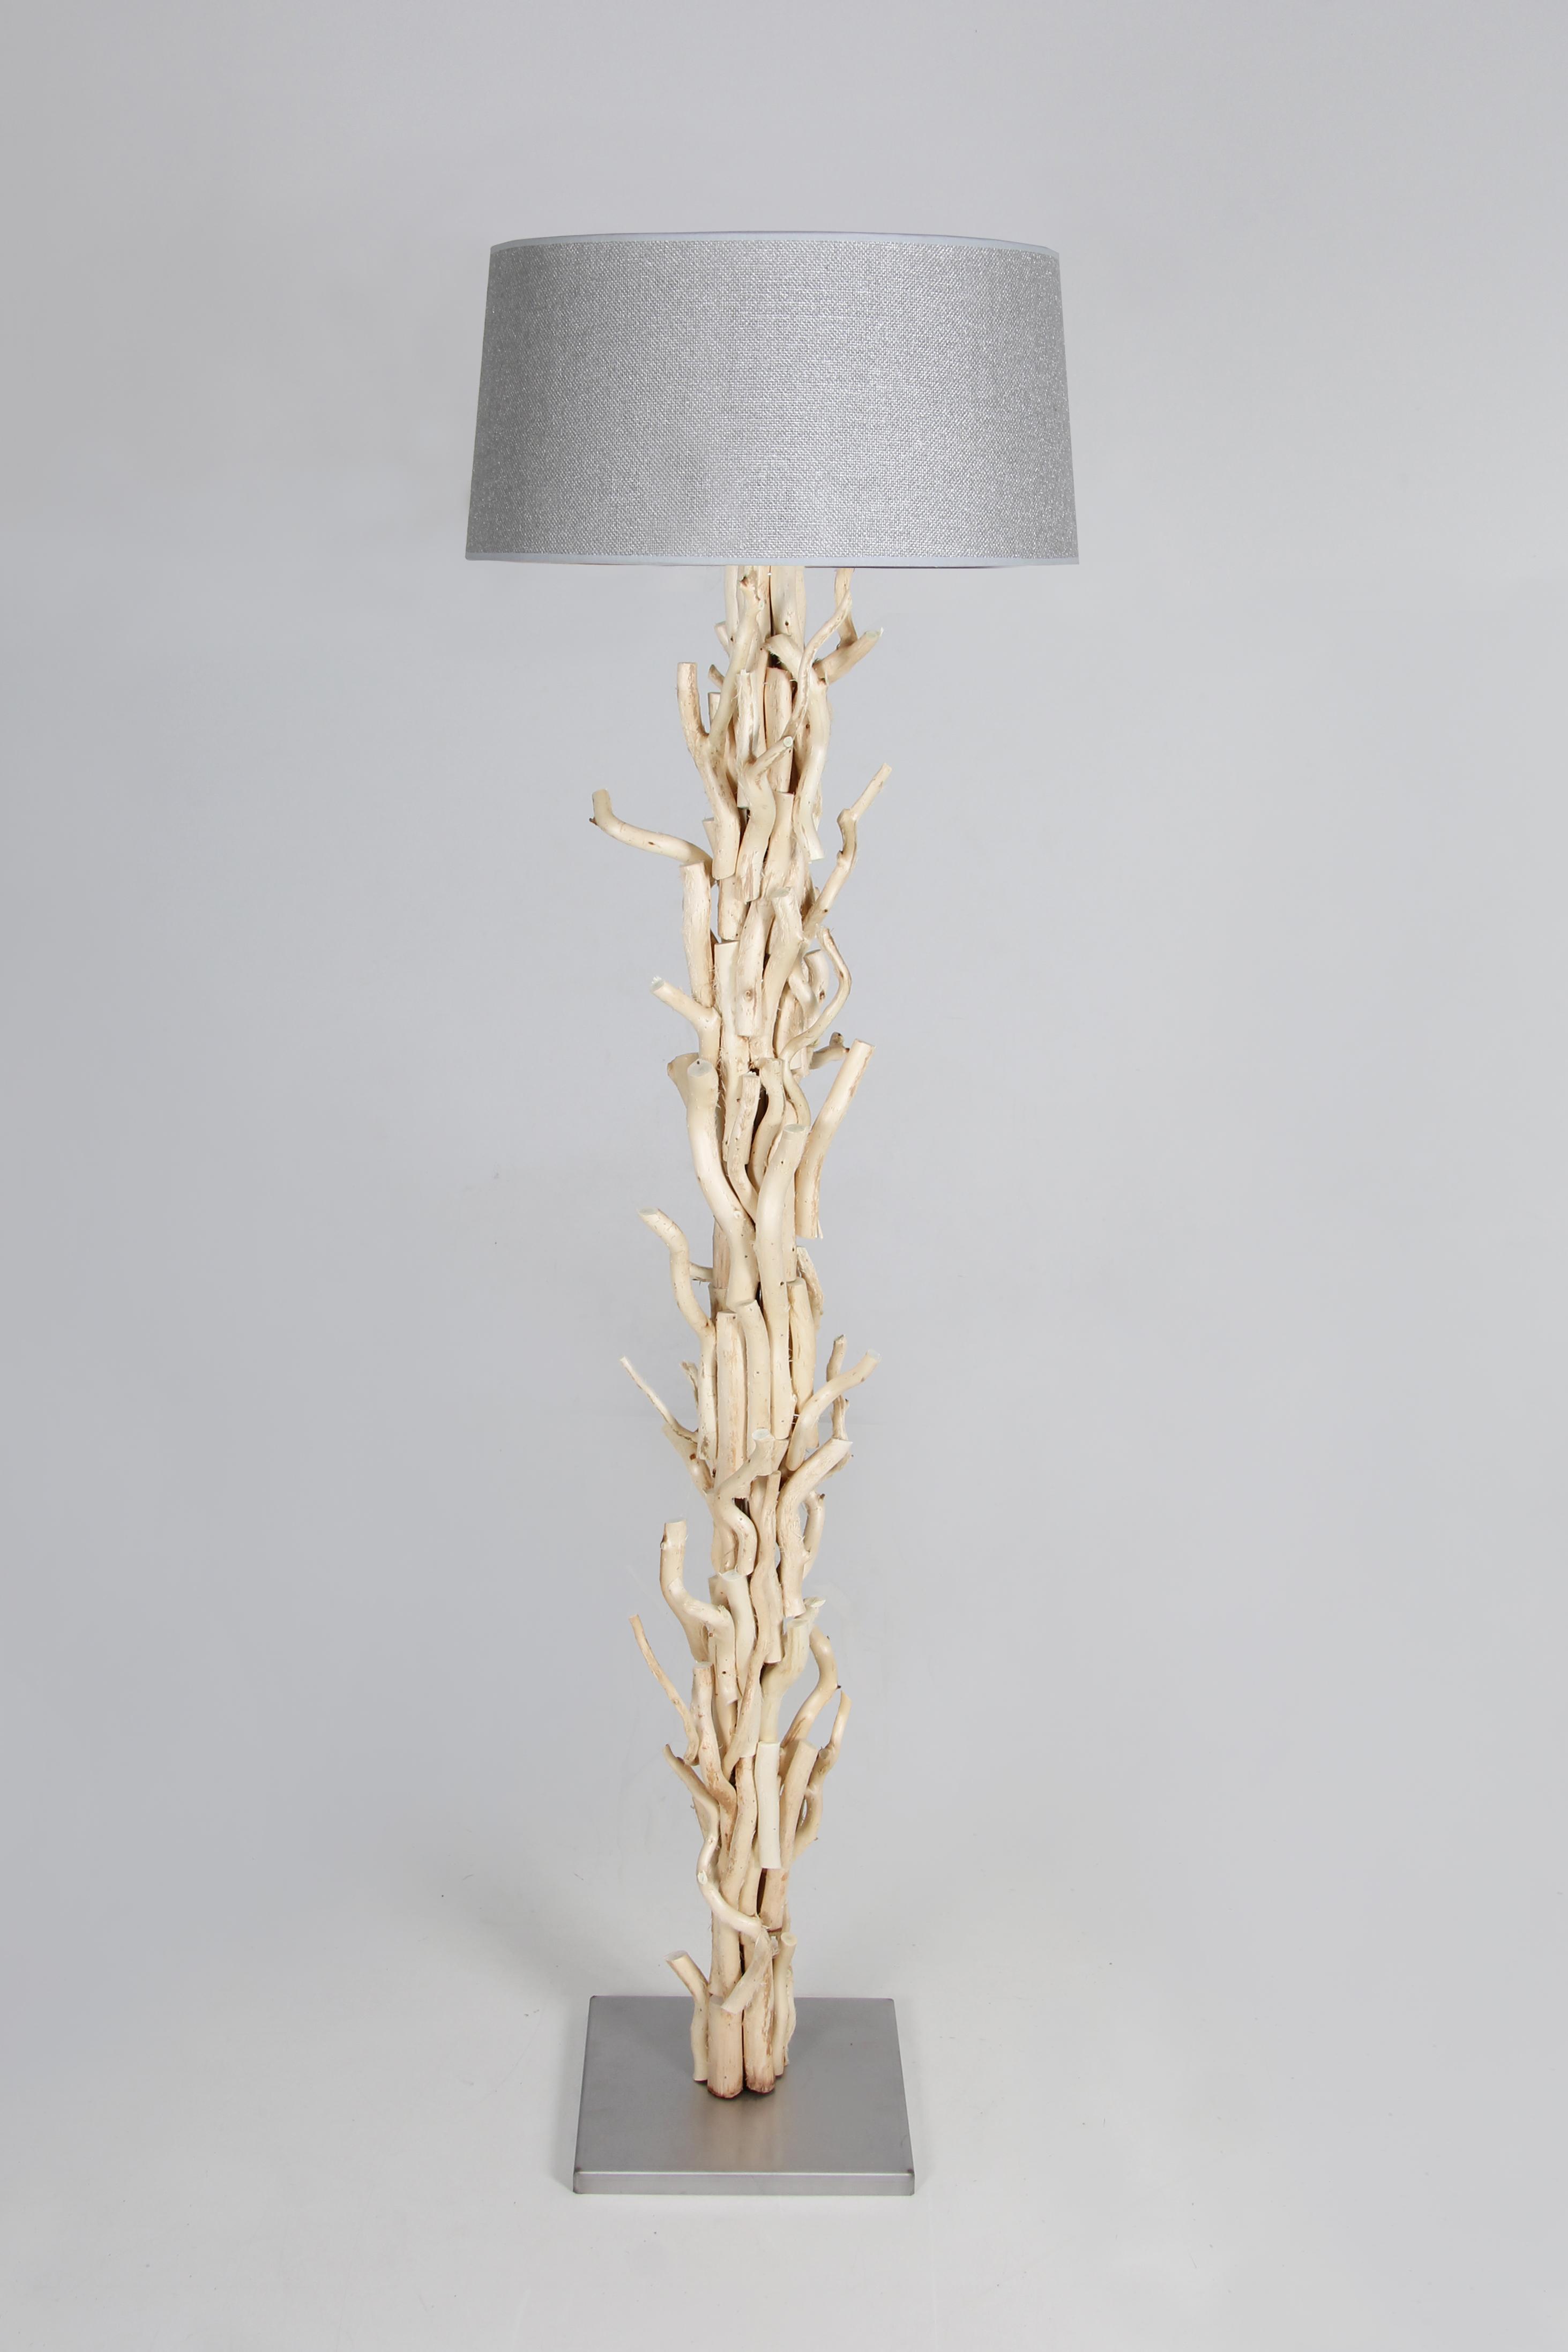 Brilliant Stehleuchte Silber Referenz Von Geschälte Gedrehten Aststücke, Lampenschirm Jute 170cm